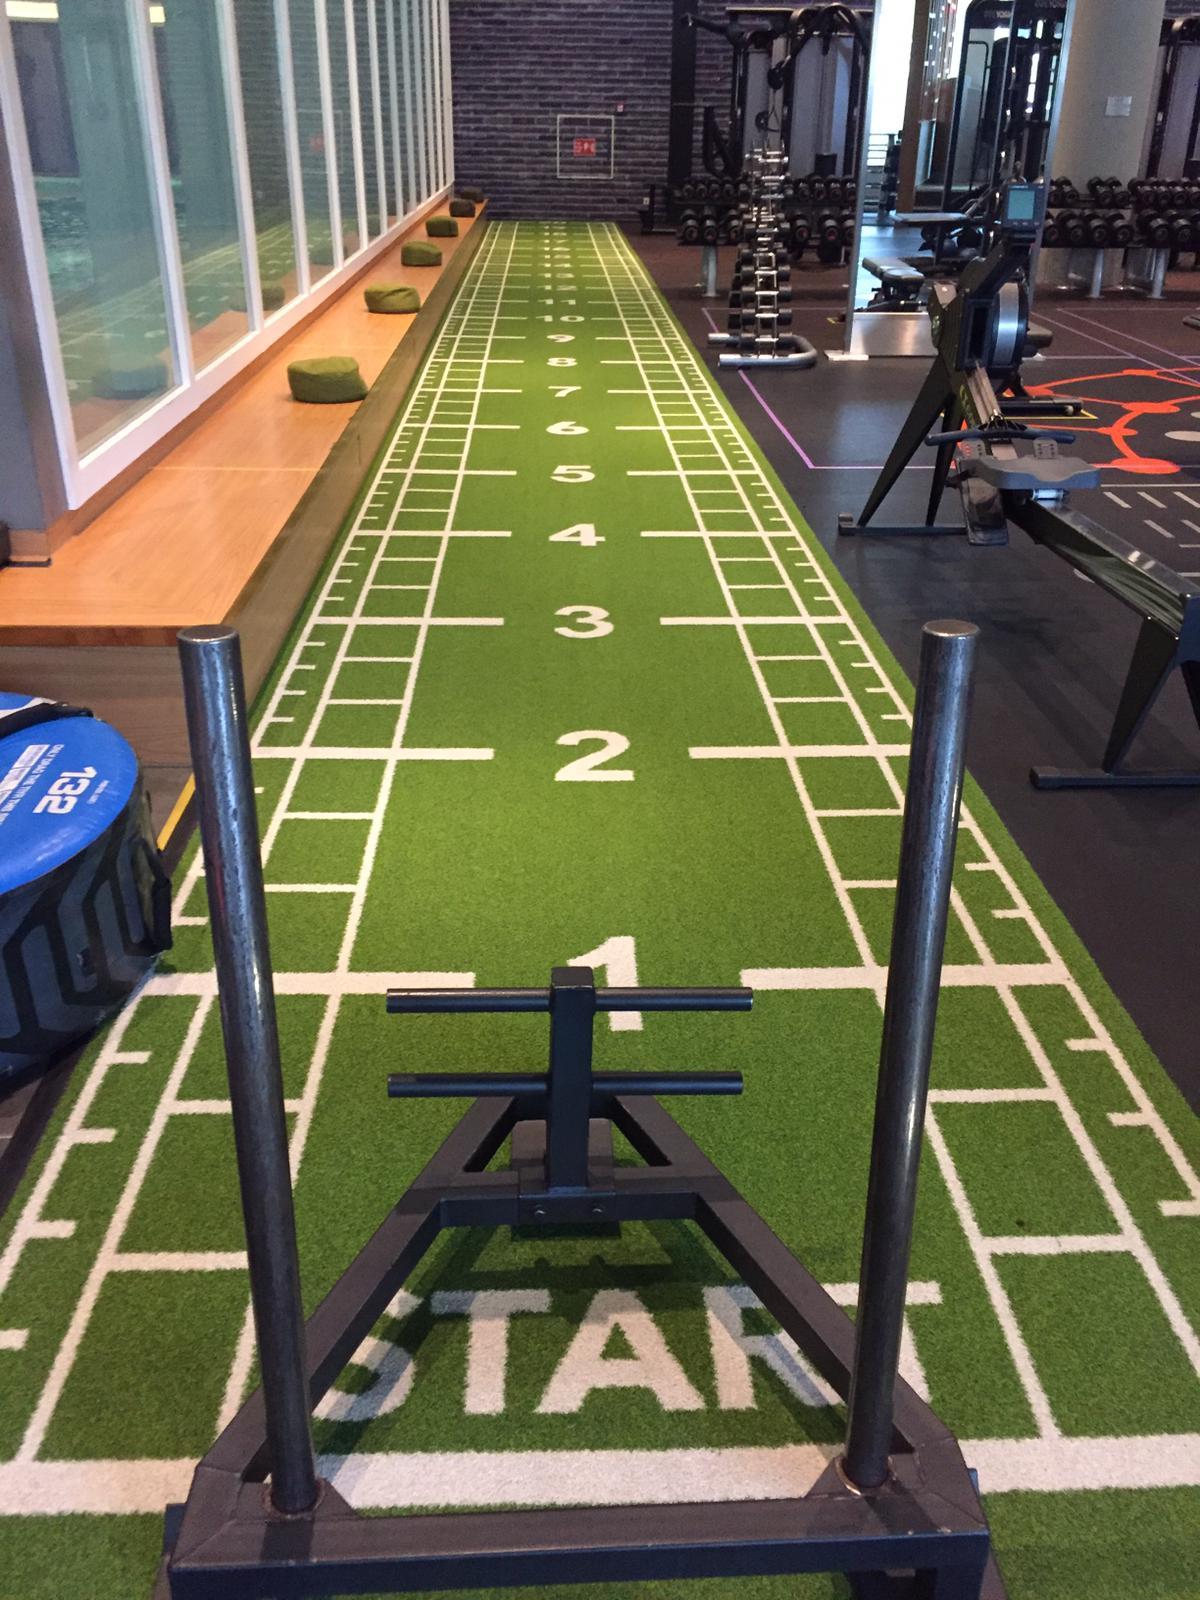 Foto van fitnessruimte